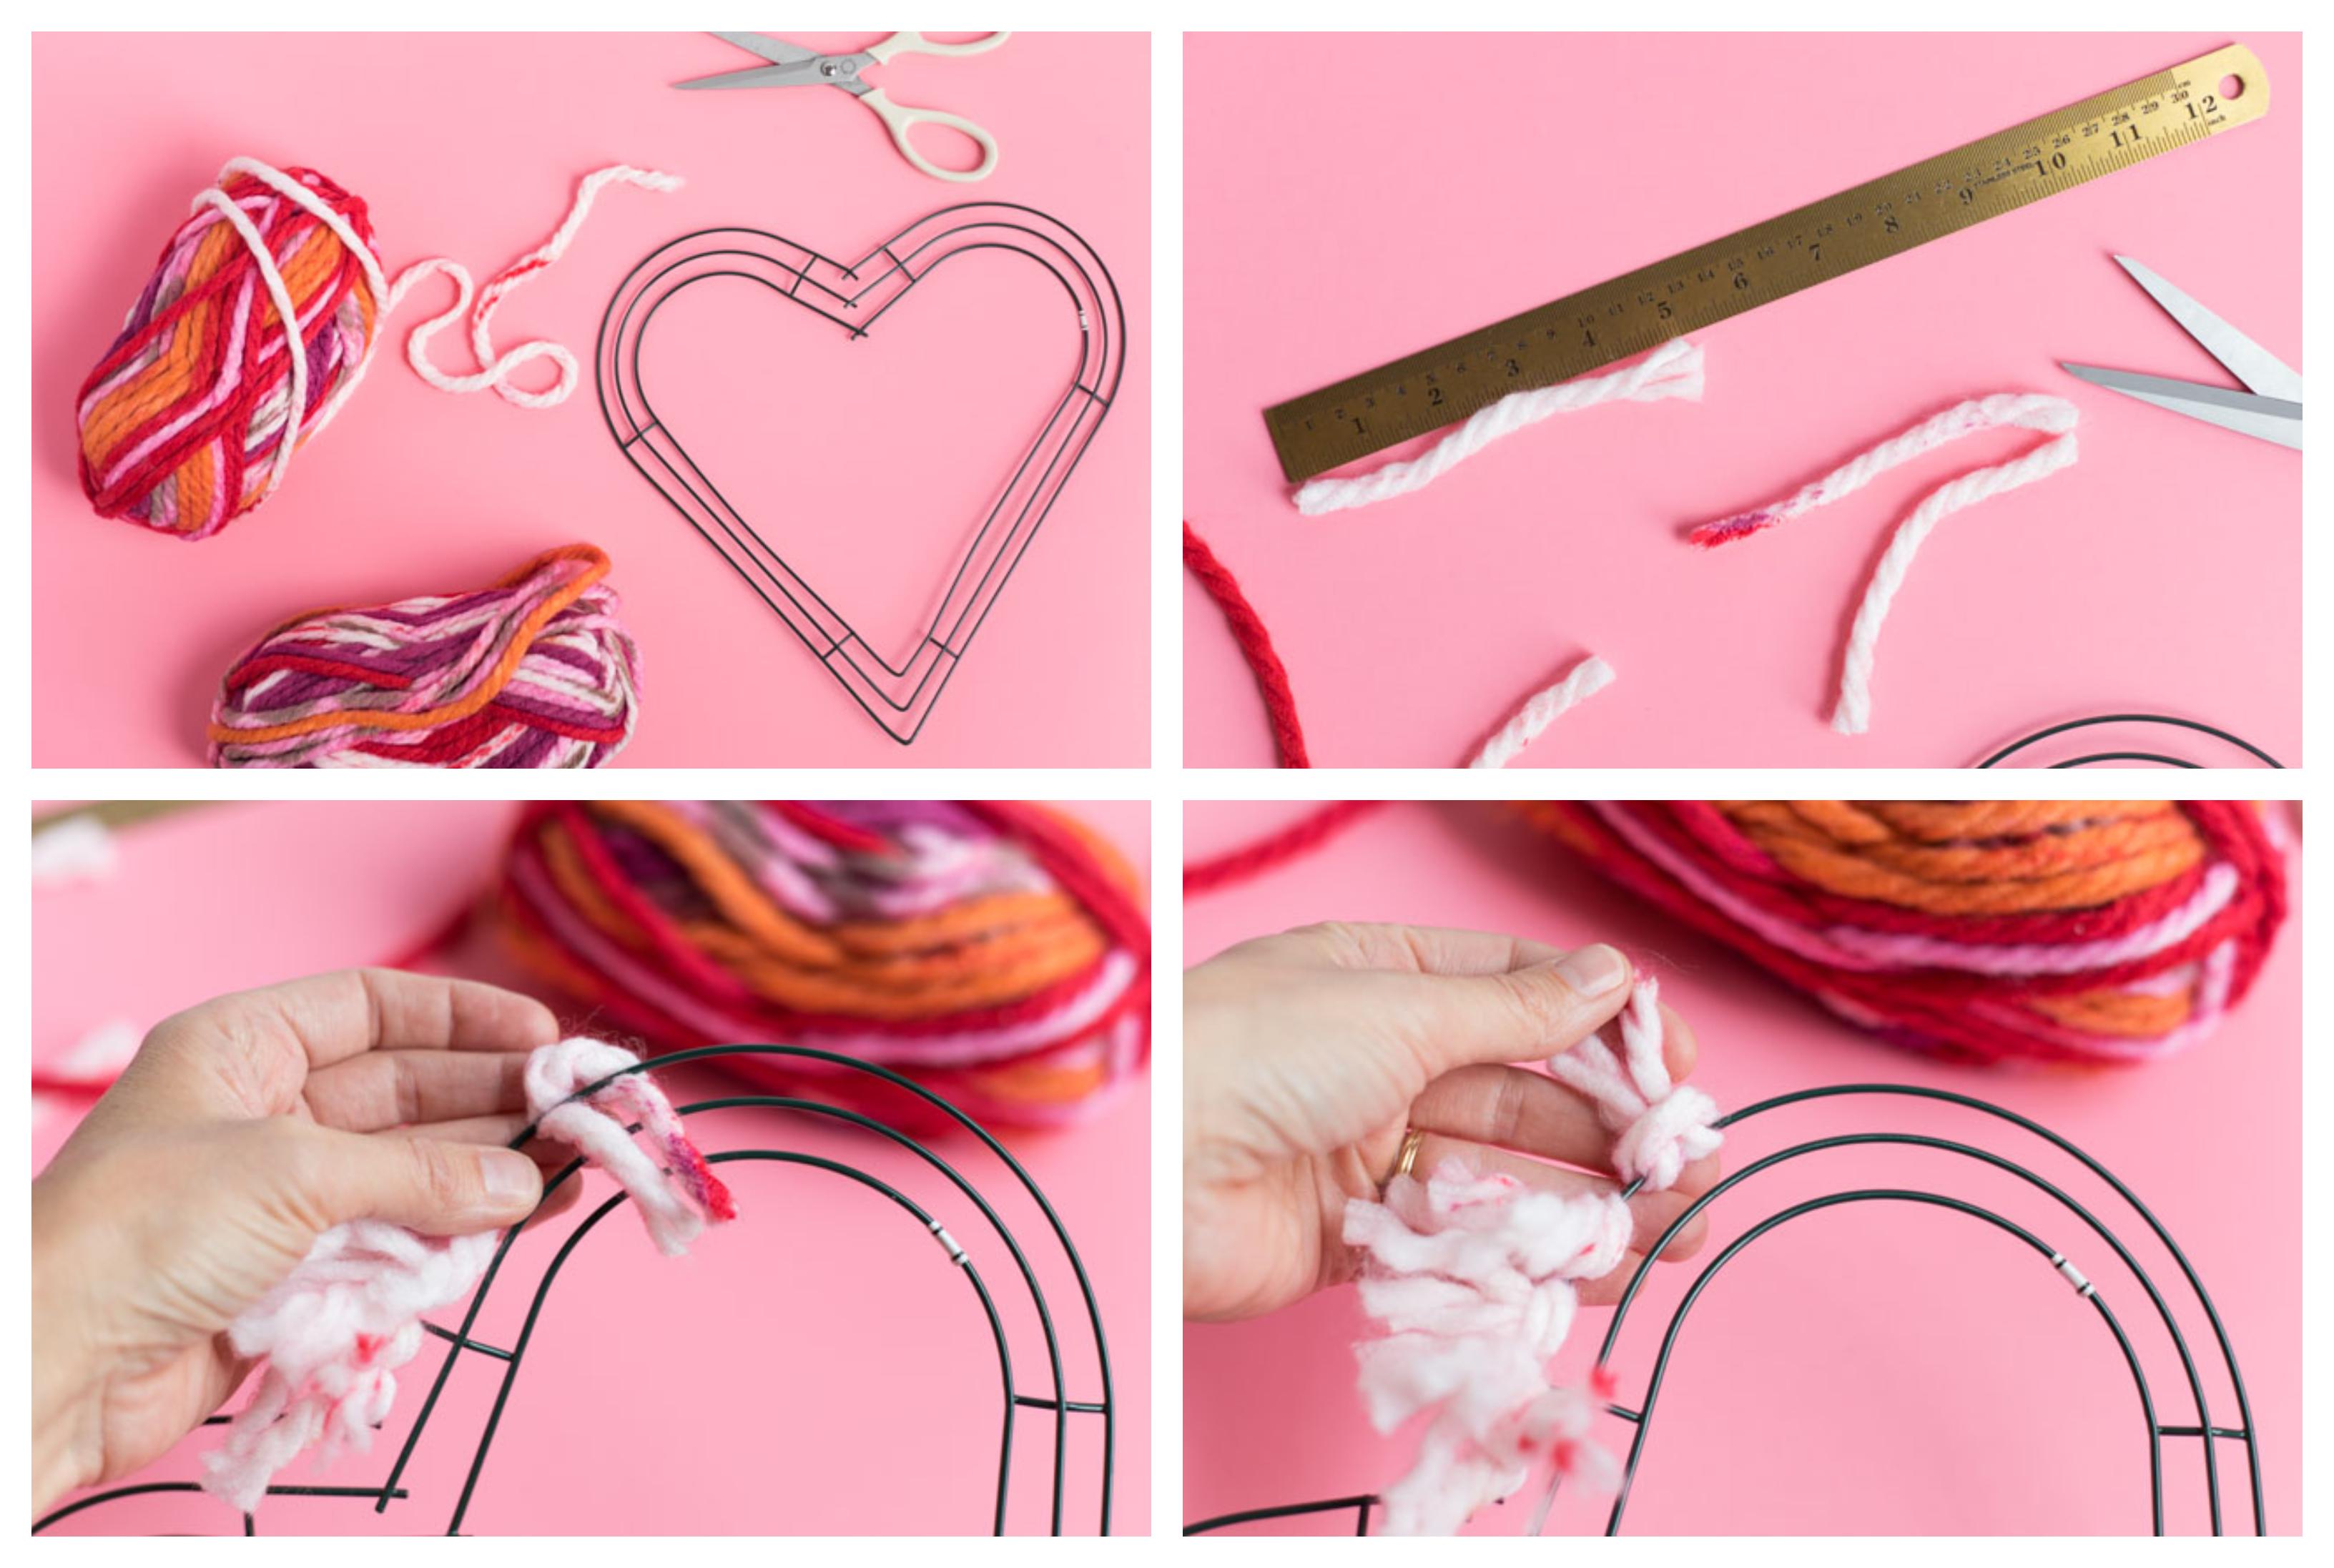 cómo hacer una corona DIY en forma de corazón paso a paso, ideas de manualidades para regalar a mi novio